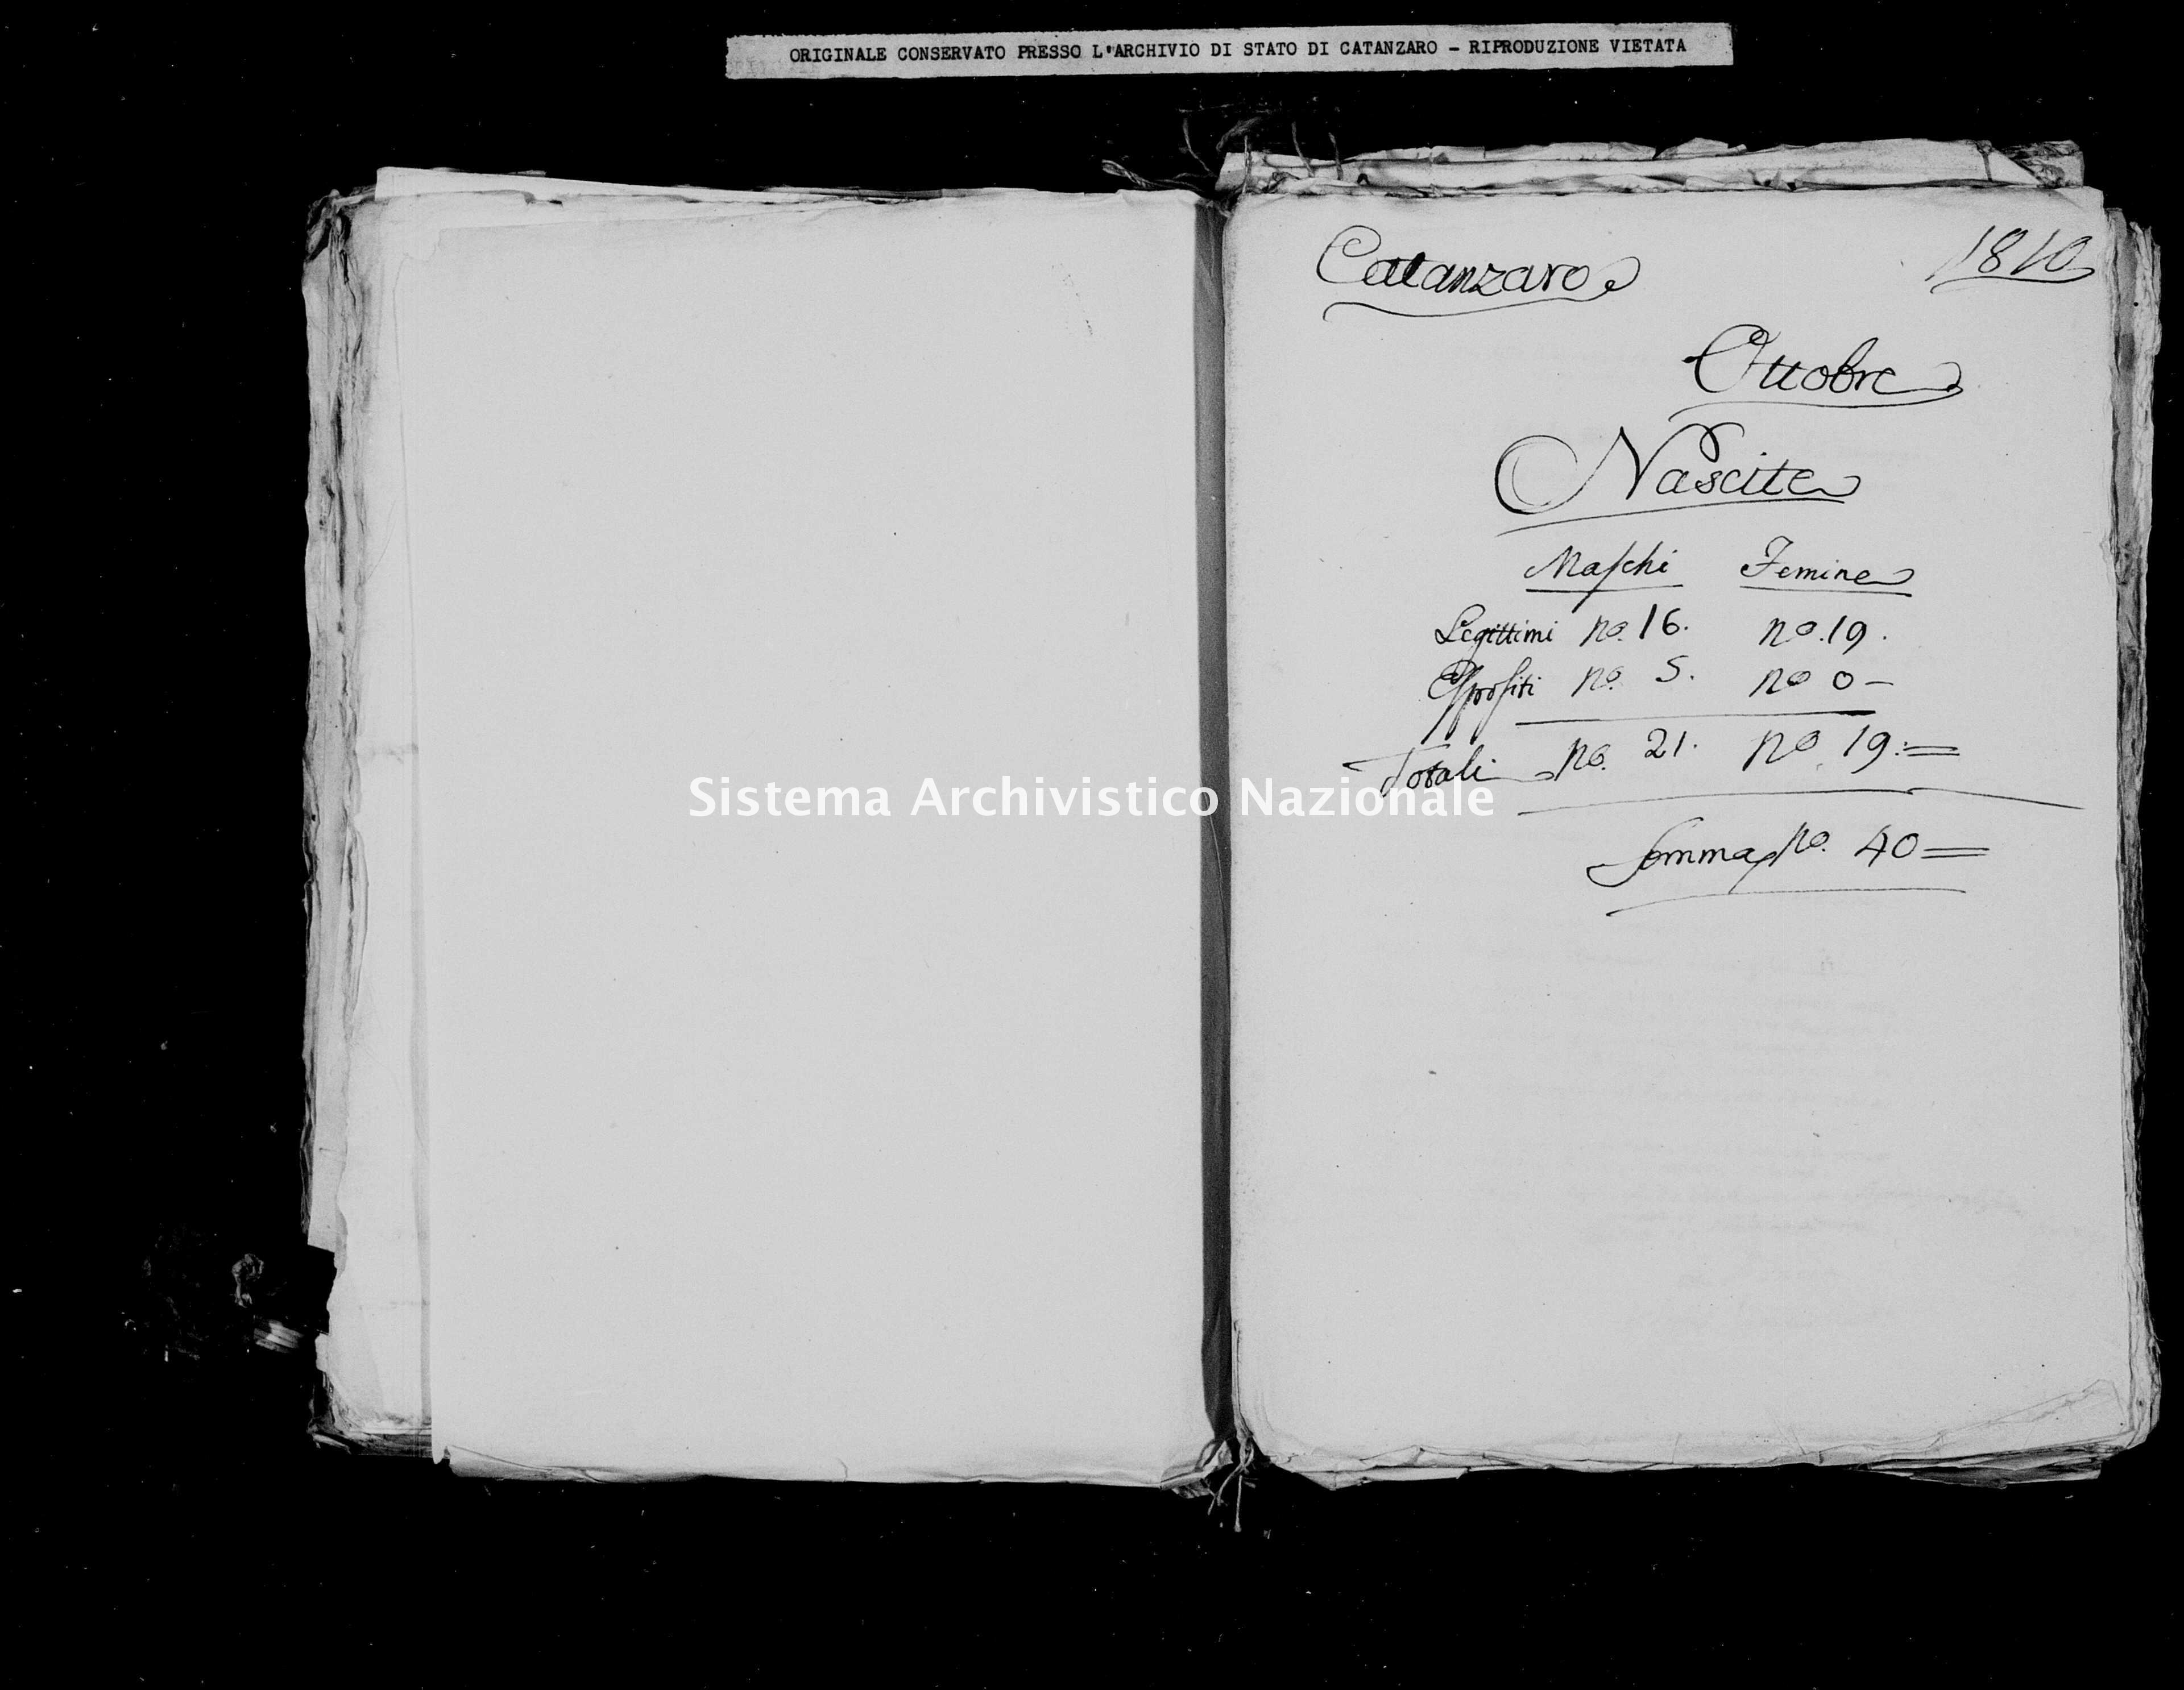 Archivio di stato di Catanzaro - Stato civile italiano - Catanzaro - Nati - 00/10/1810 -